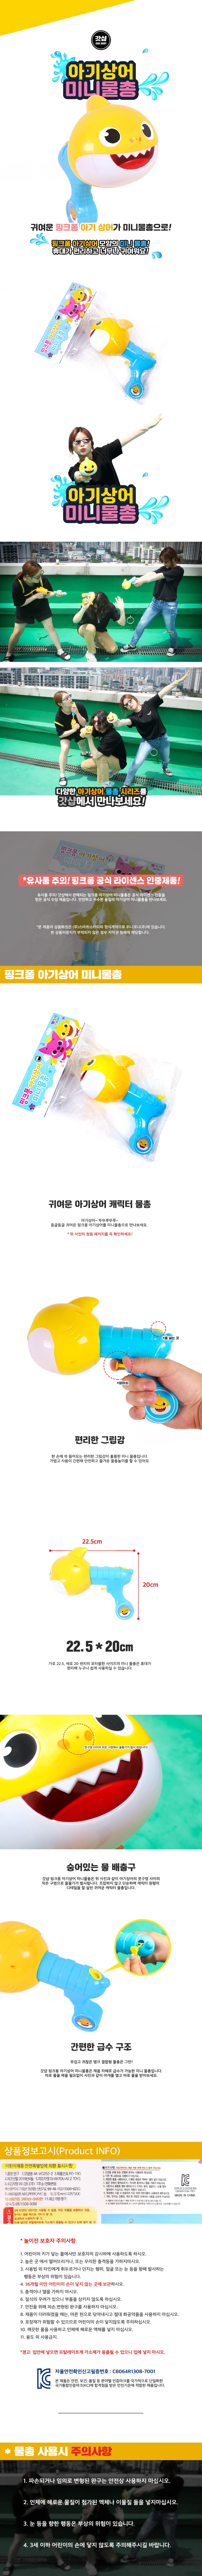 정품 핑크퐁 아기상어 미니 물총 KC인증 유아 어린이 - 갓샵, 7,900원, 장난감총, 물총